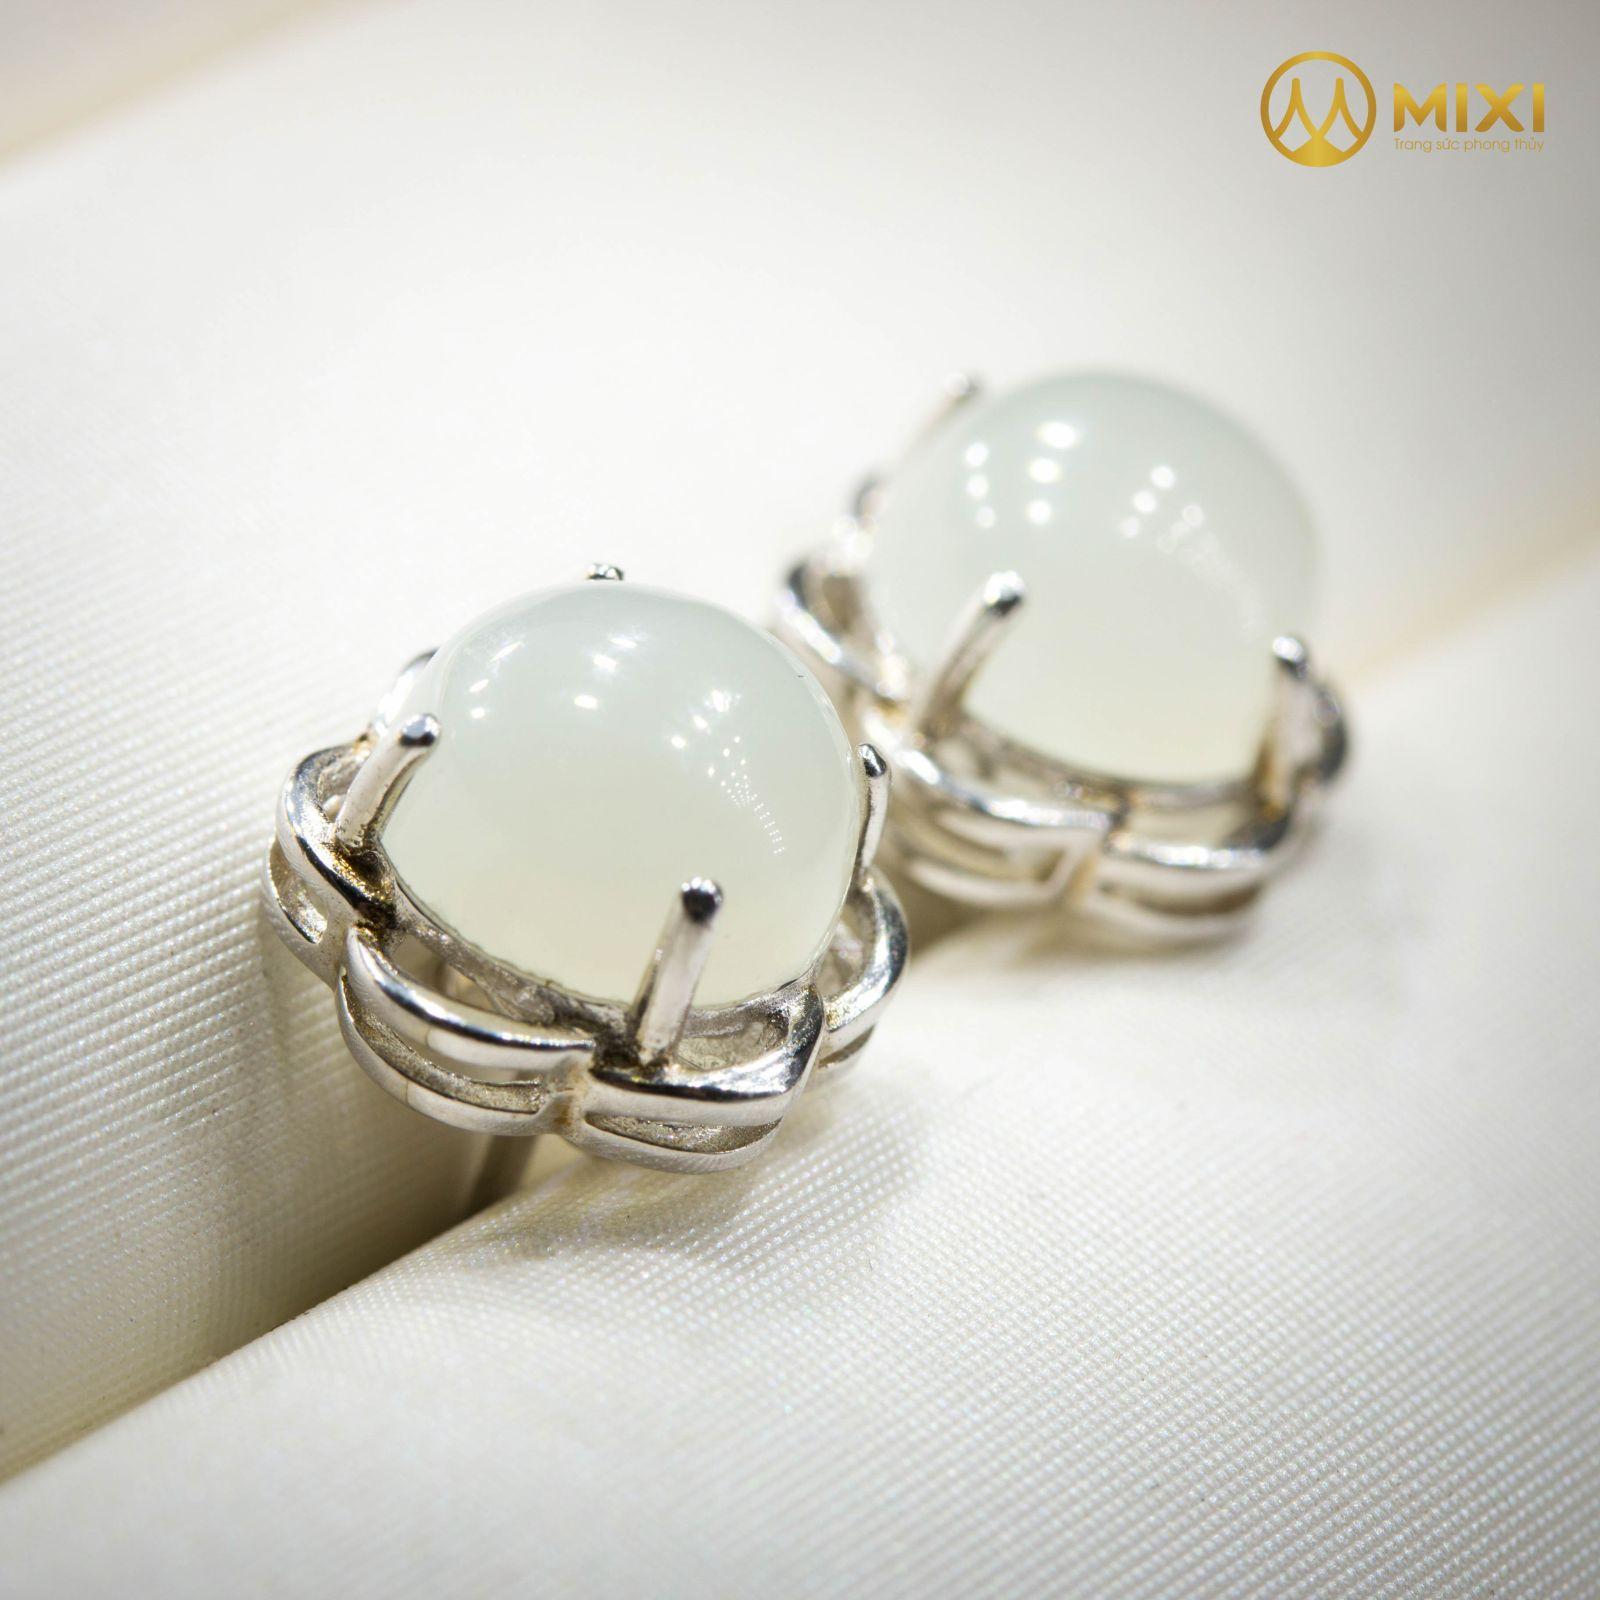 Hoa Tai Bạc Bạch Ngọc Onyx Marble Hình Tròn Viền Hoa